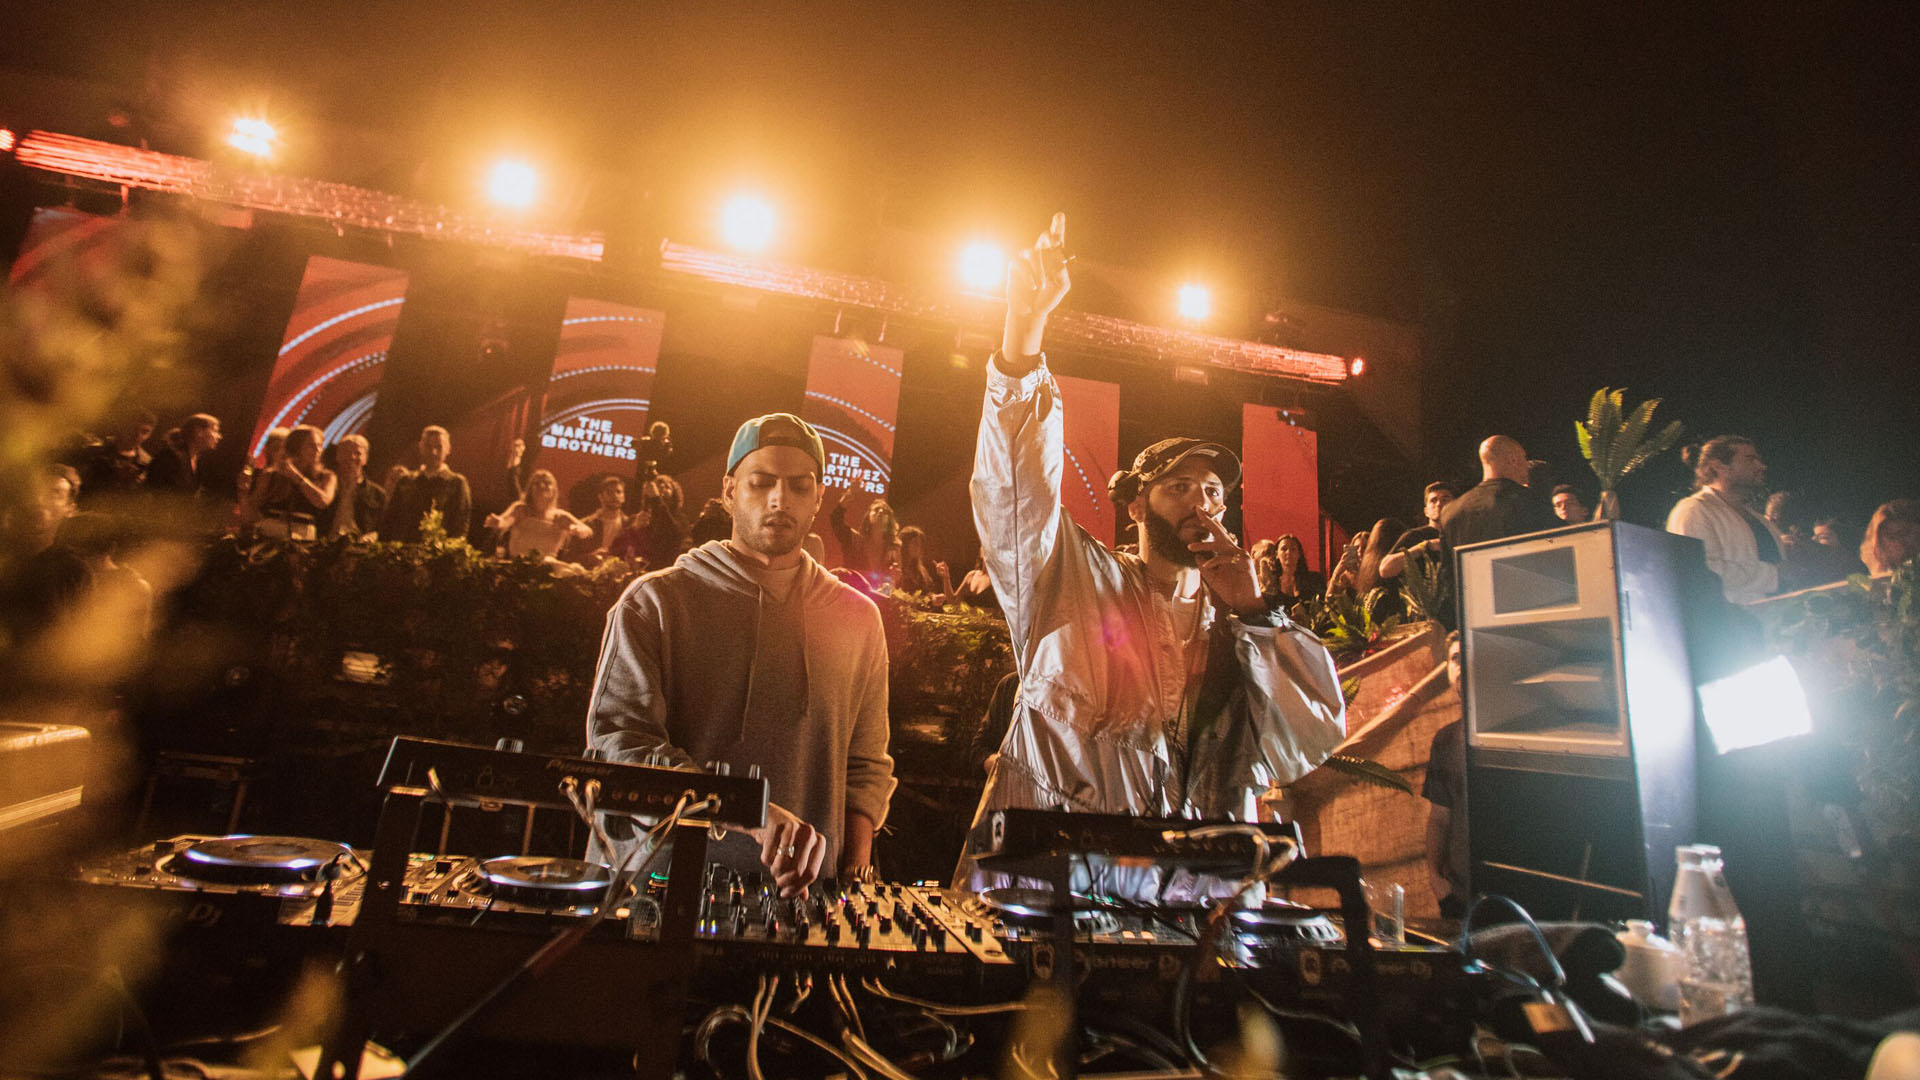 The Martínez Brothers, residentes de los clubes Circoloco Ibiza (DC 10) y Fabric Londres, recorrieron el mundo con su espectáculo y realizaron presentaciones en los mejores clubes y festivales, en conjunto con marcas como DKNY, Givenchy, Carolina Herrera, entre otras